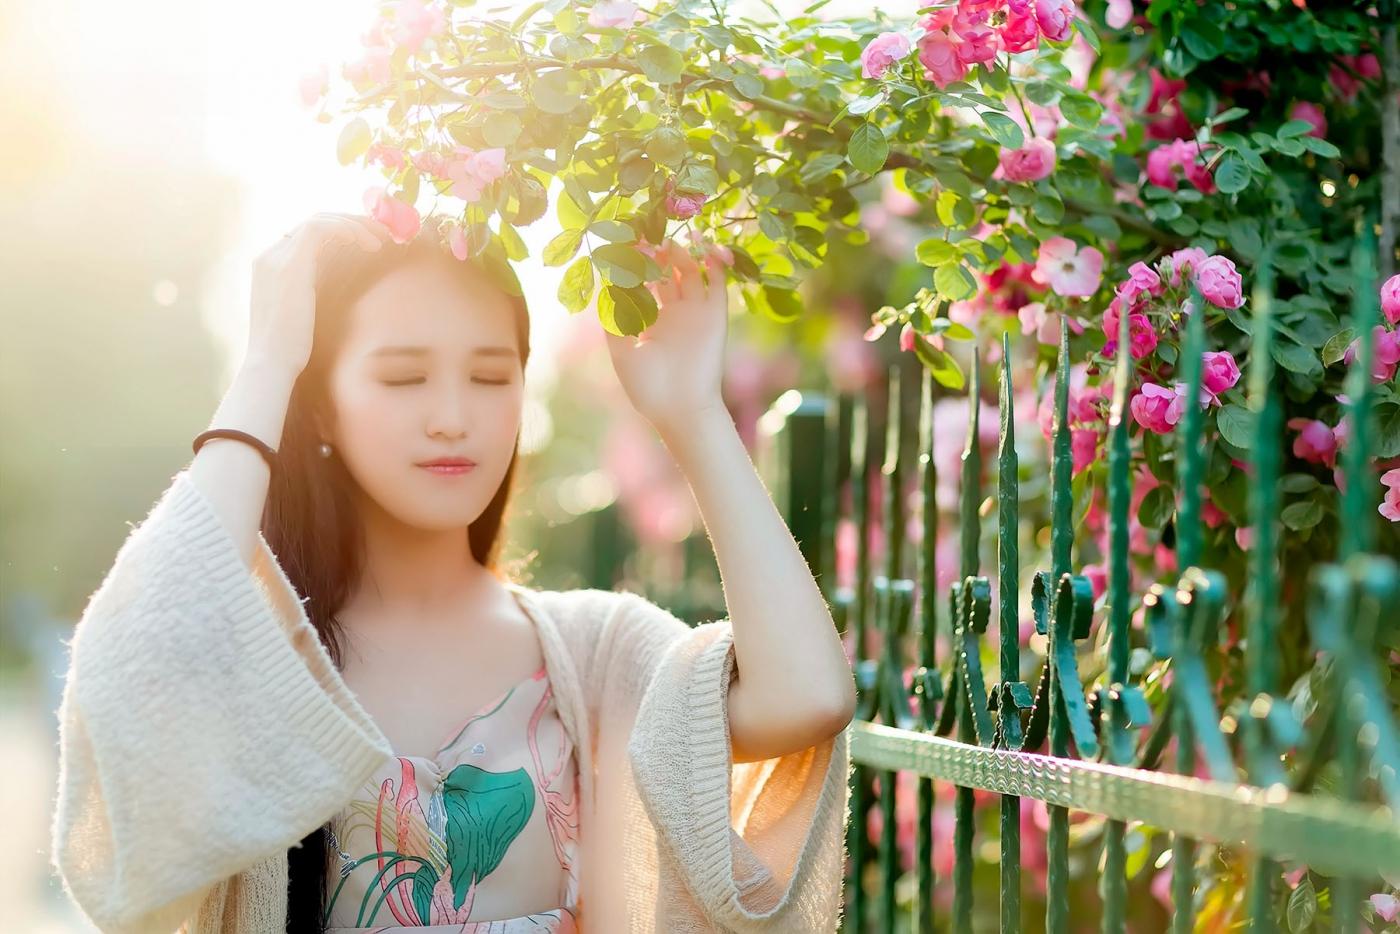 蔷薇·阳光·女孩 去见你想见的人吧_图1-12